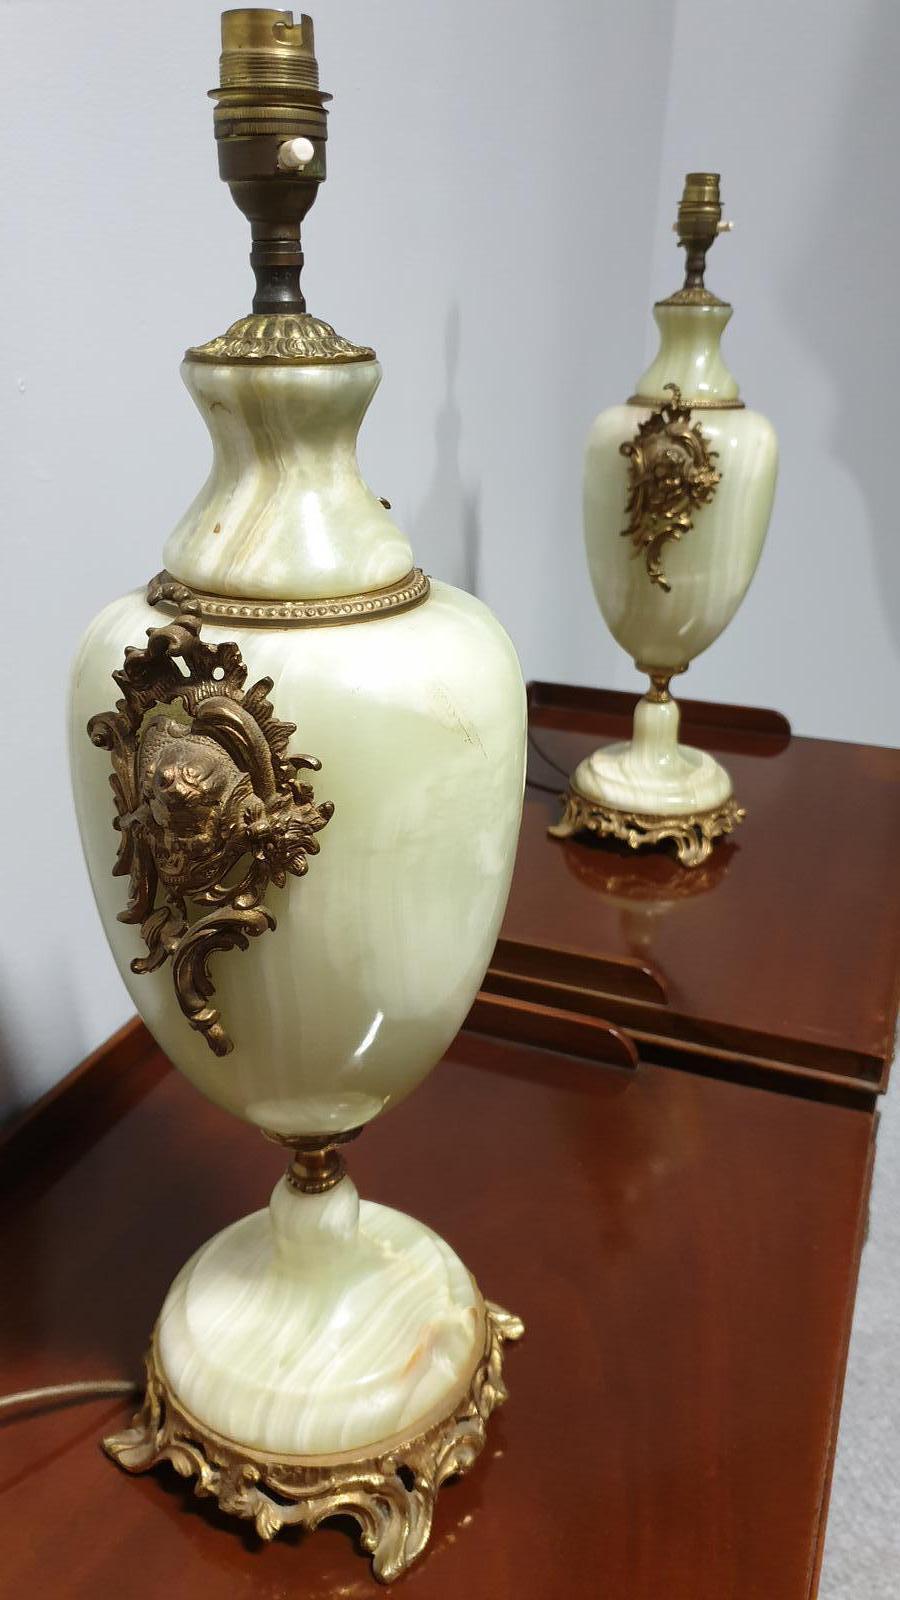 Wonderful Pair of Large Onyx & Ormolu Lamps (1 of 1)